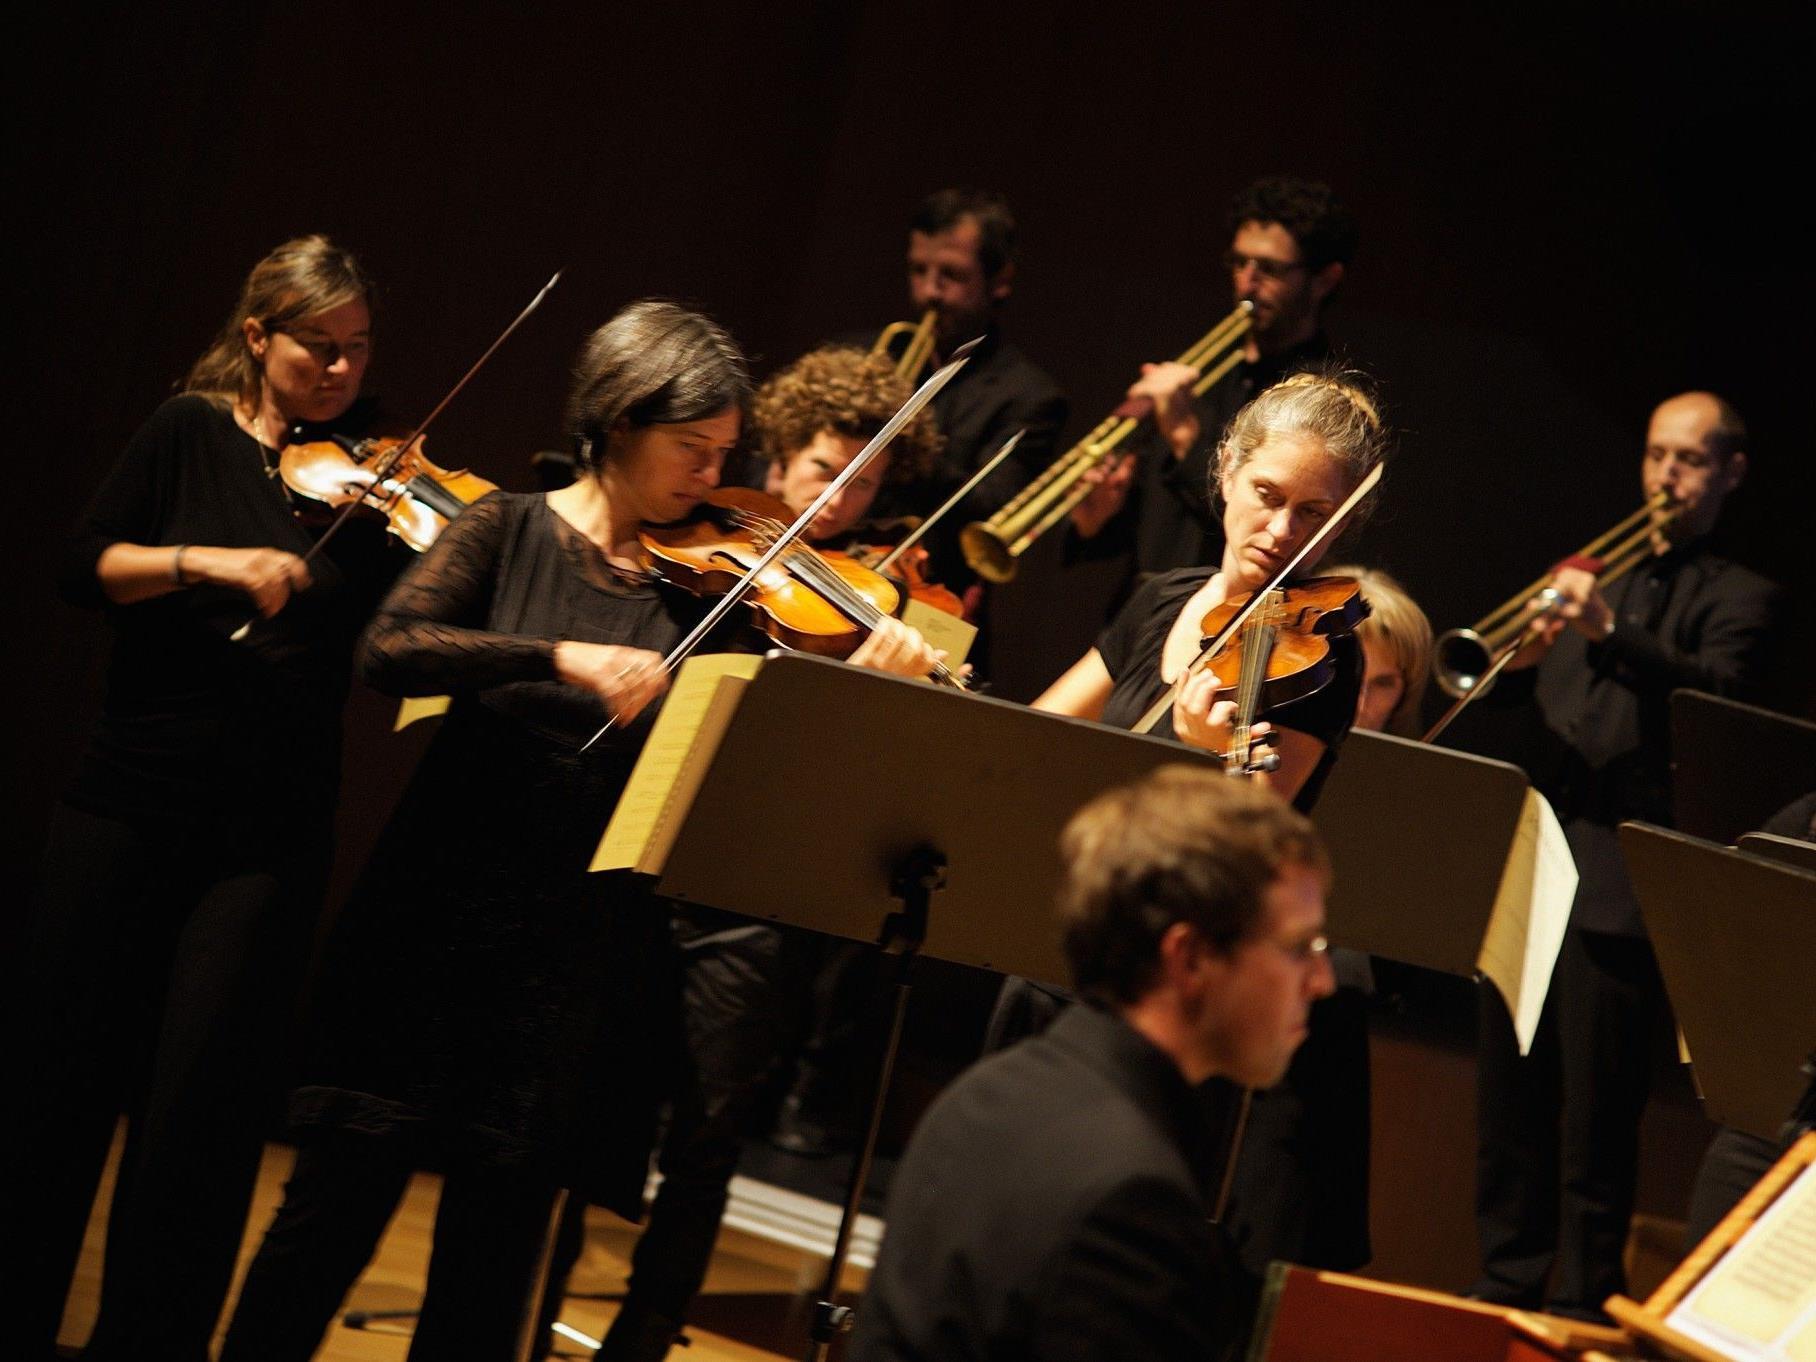 Blick in die Streichergruppe mit Cembalist Johannes Hämmerle.